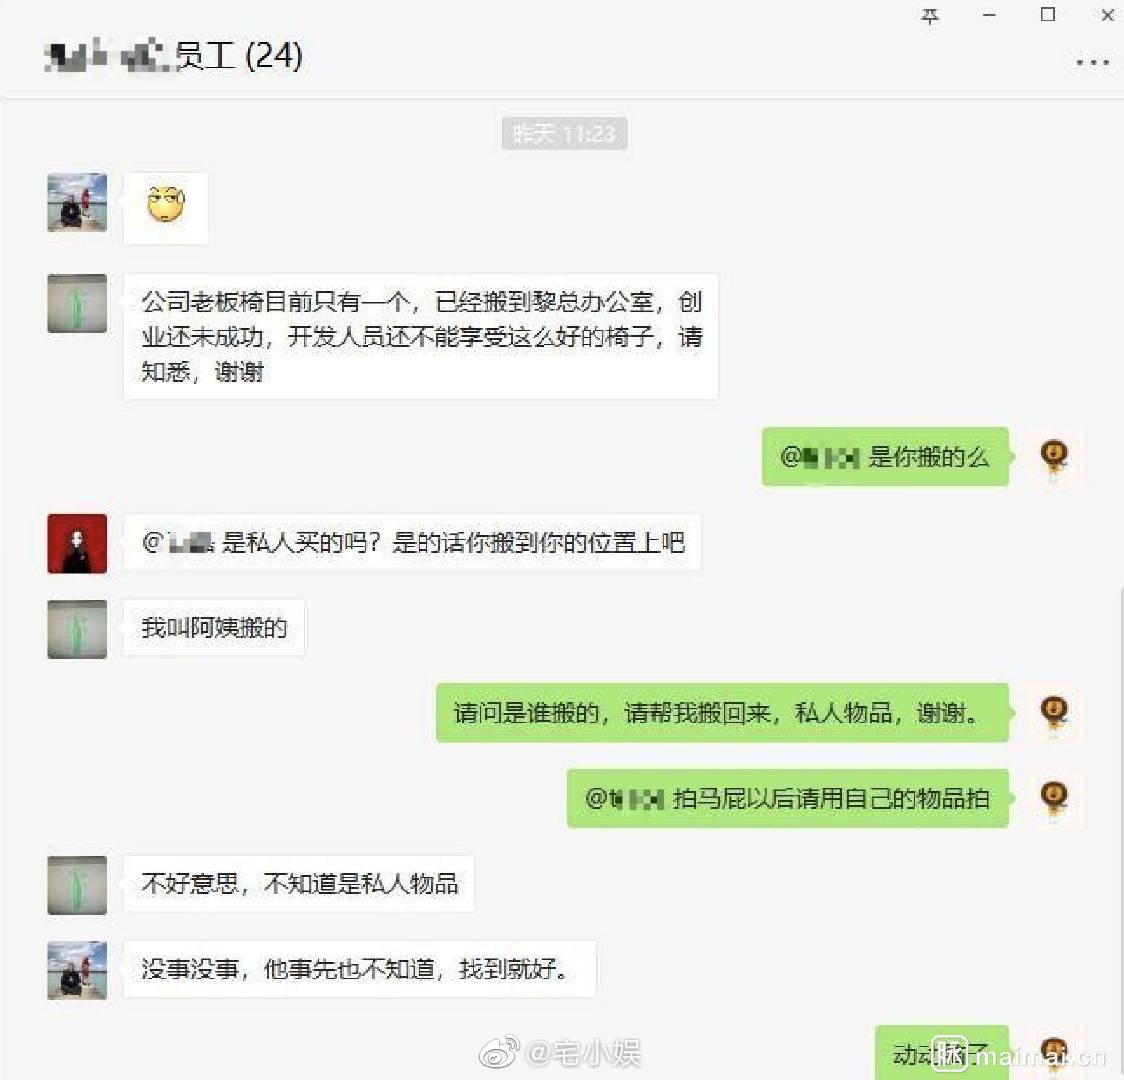 热门视频图片段子福利第84期:陕北民歌  福利社吧  图73